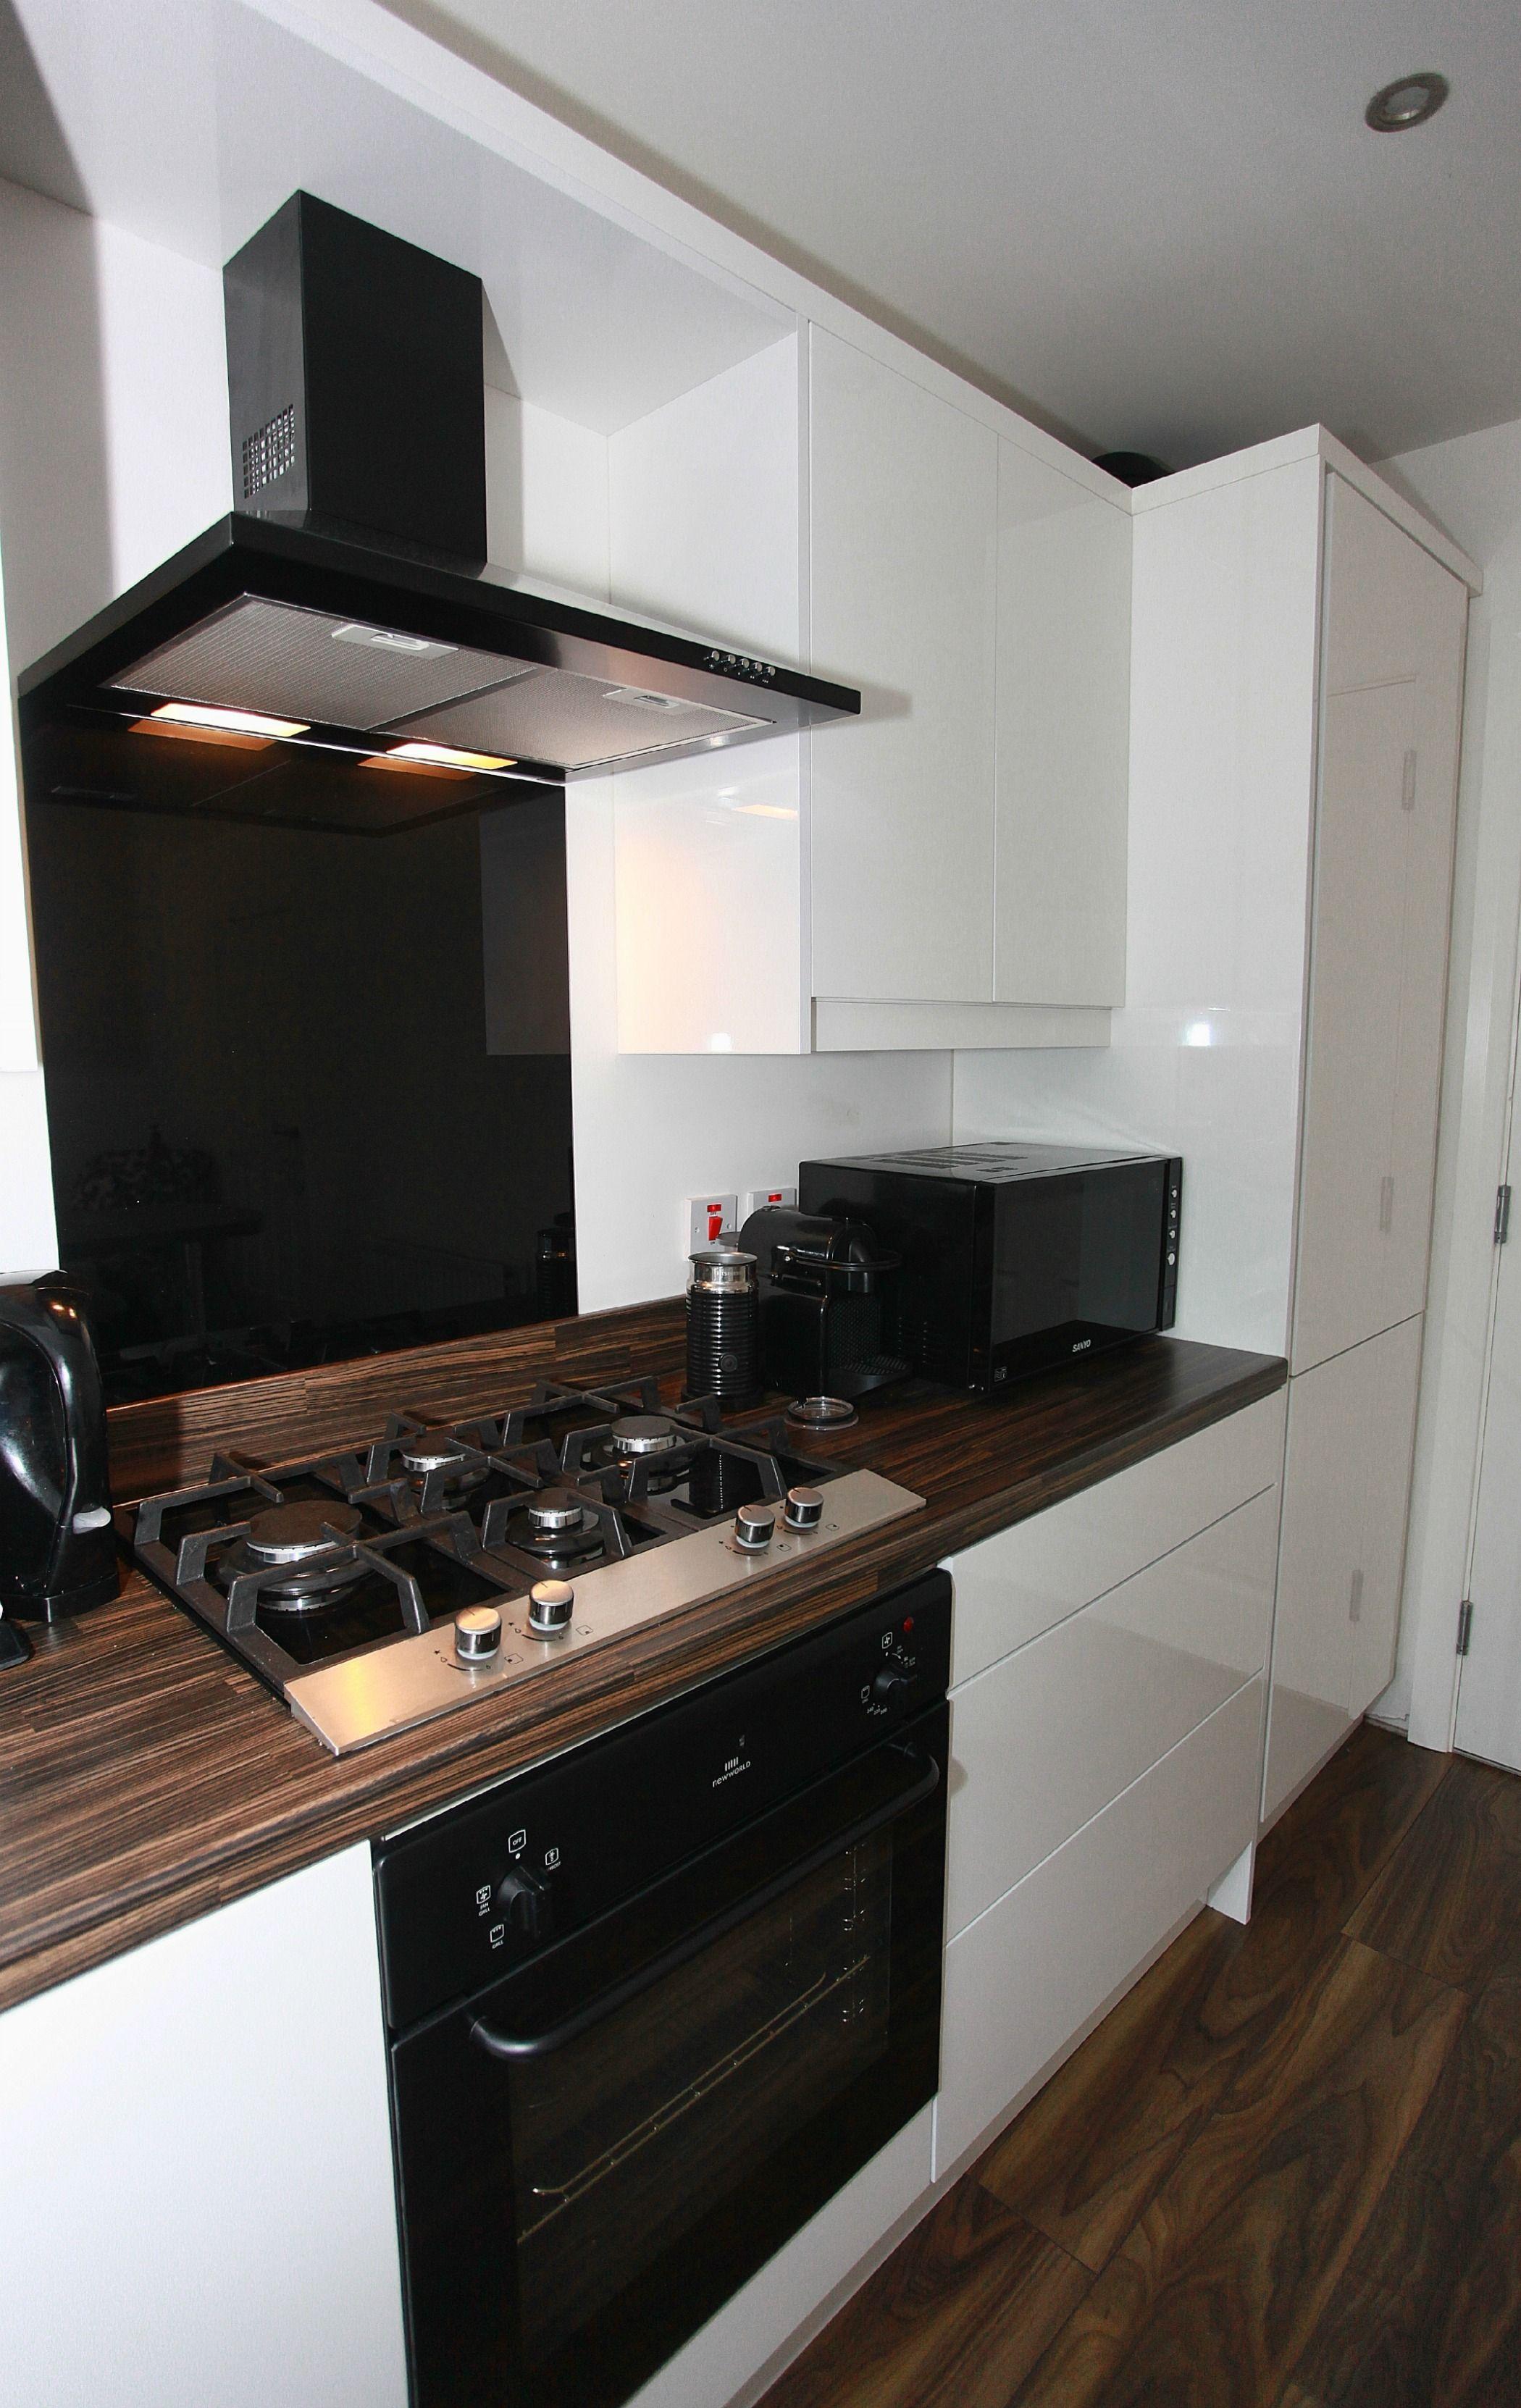 House 1 | Kitchens direct, Kitchen, New kitchen